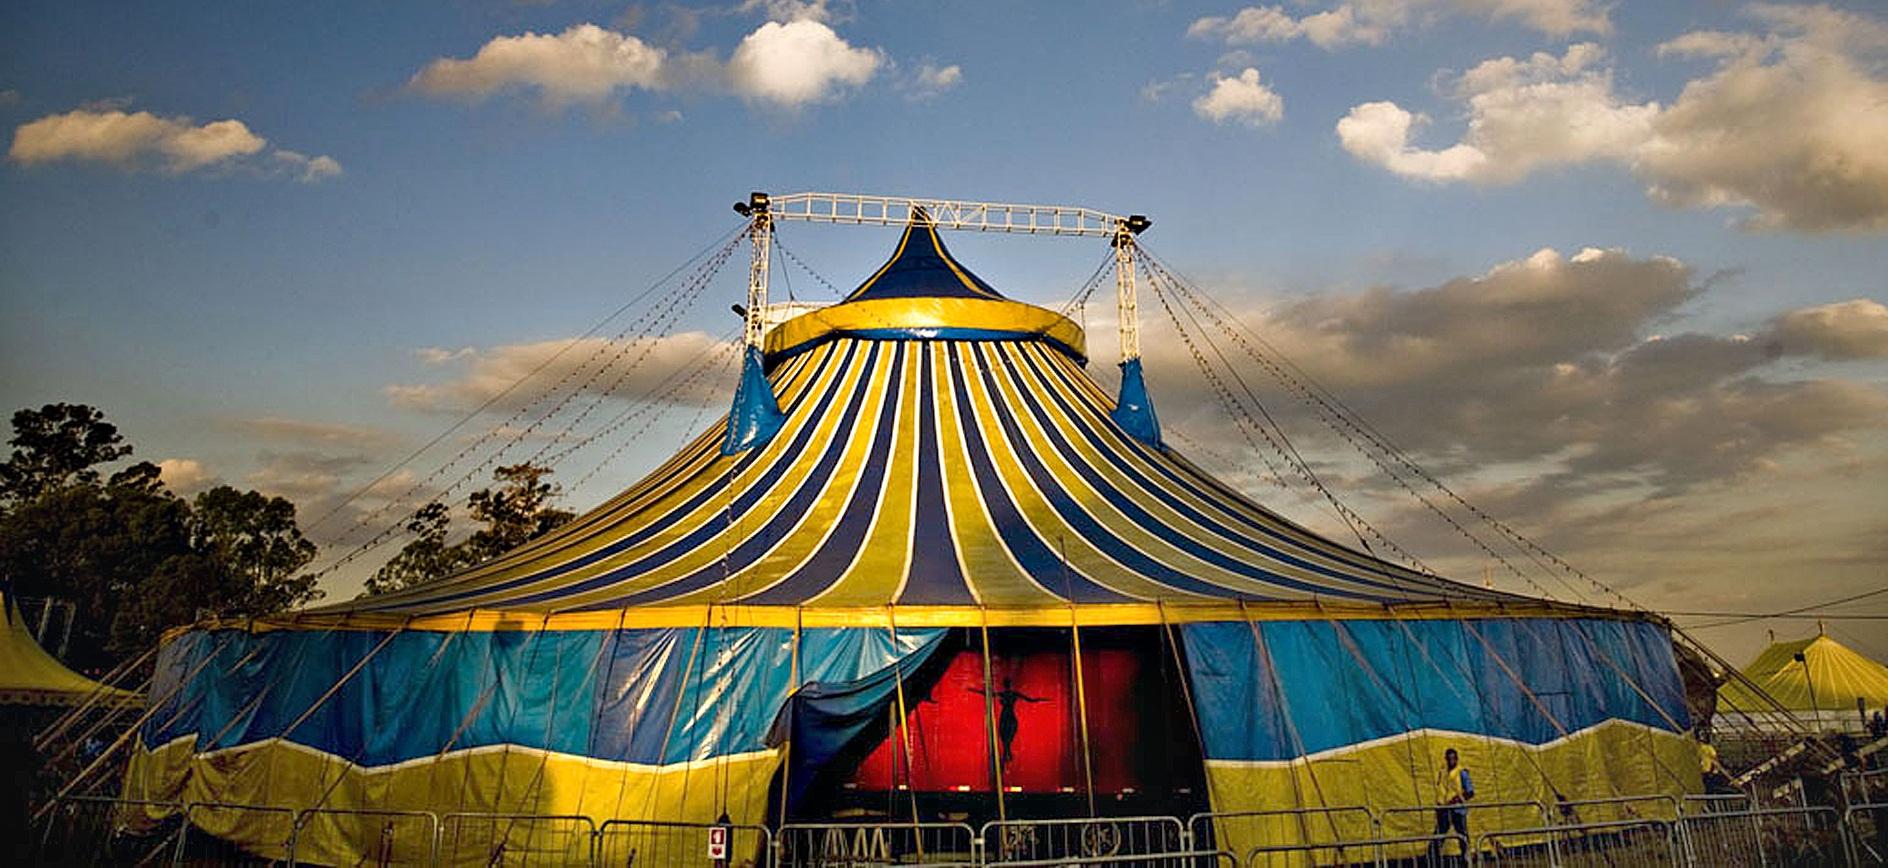 20120817165321_circo